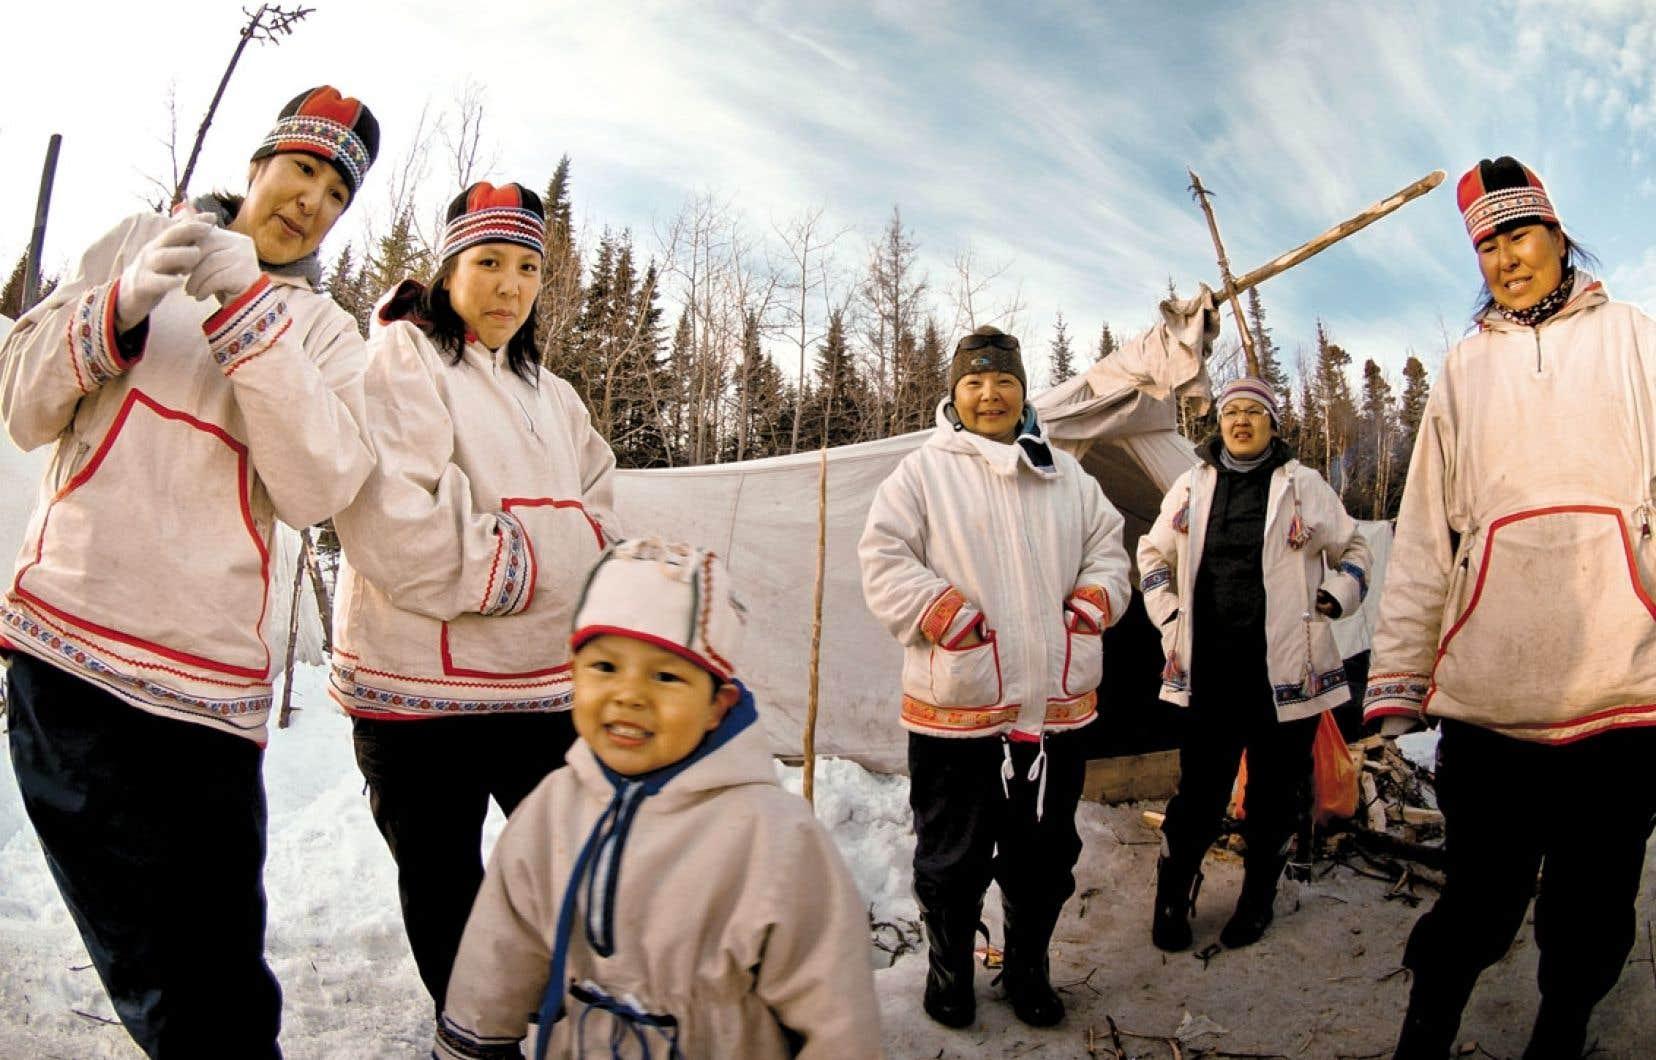 L'innu est l'une des langues autochtones les plus vivantes du Québec. Sur les quelque 13000 Innus de la province, une majorité parlent toujours leur langue, à différents degrés.